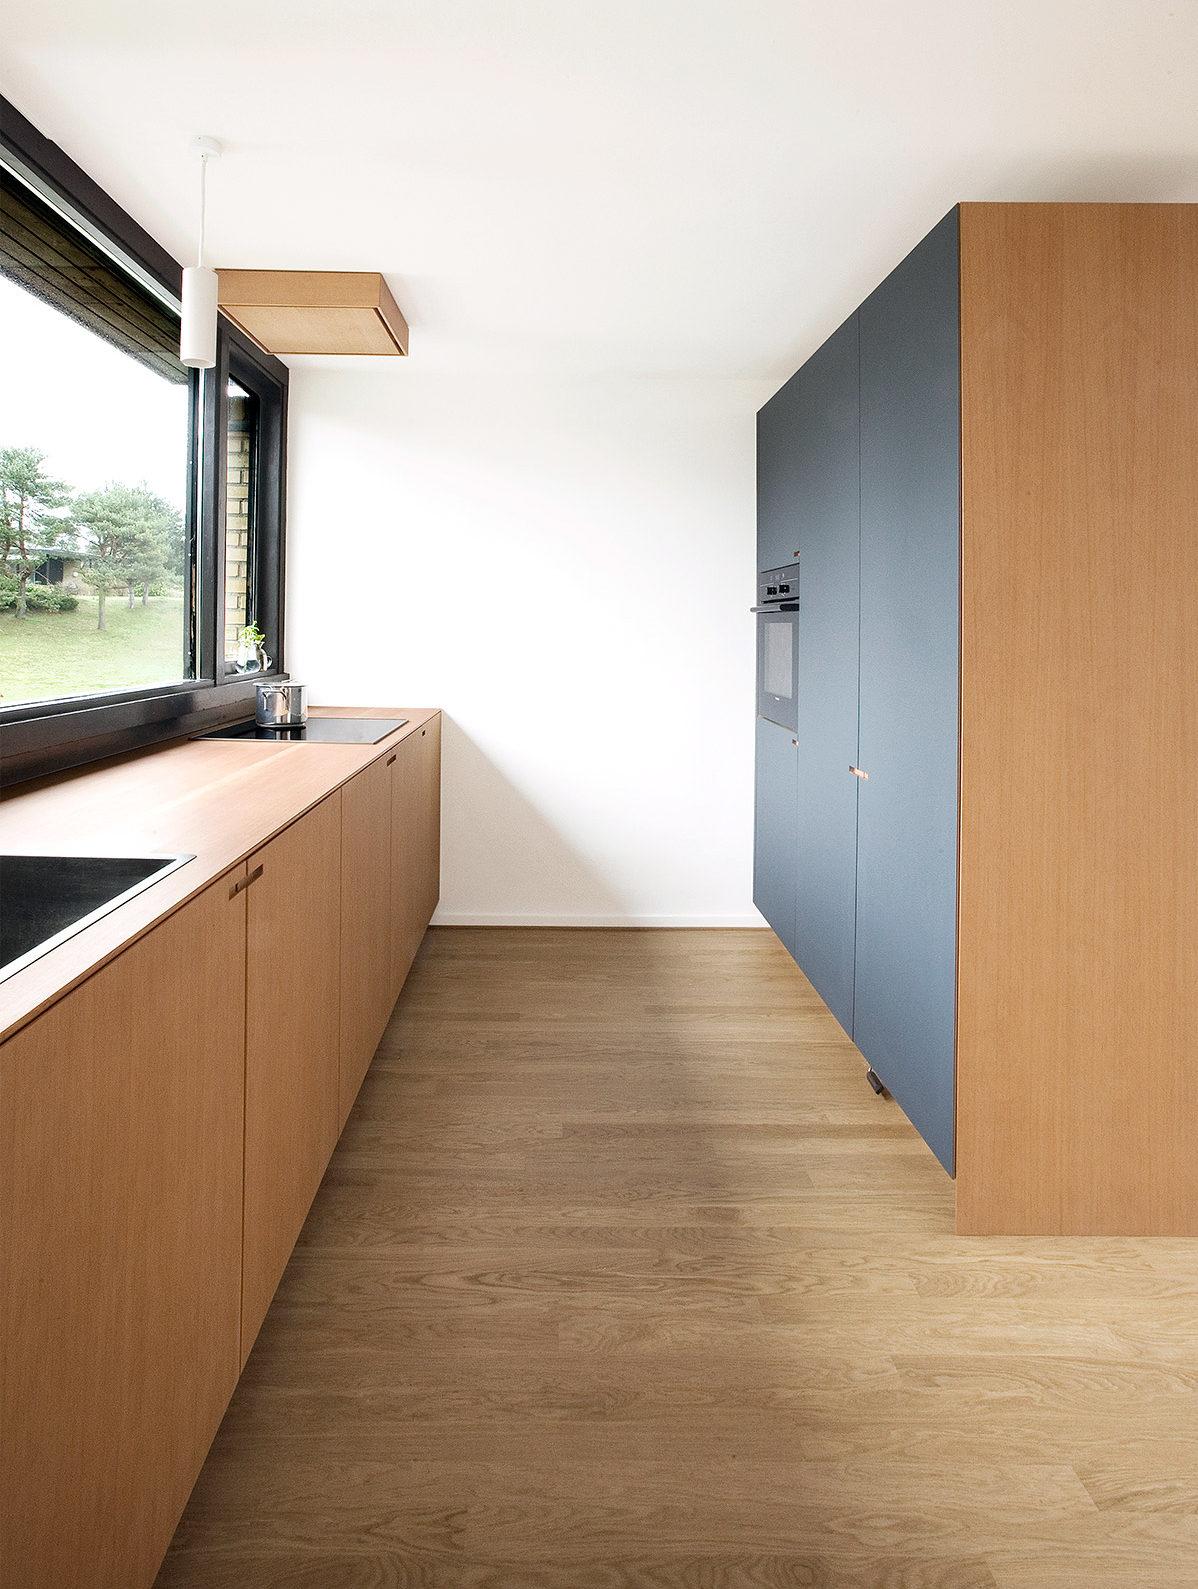 Snedkerkøkkenet Henrikshave - designet og produceret af Nicolaj Bo